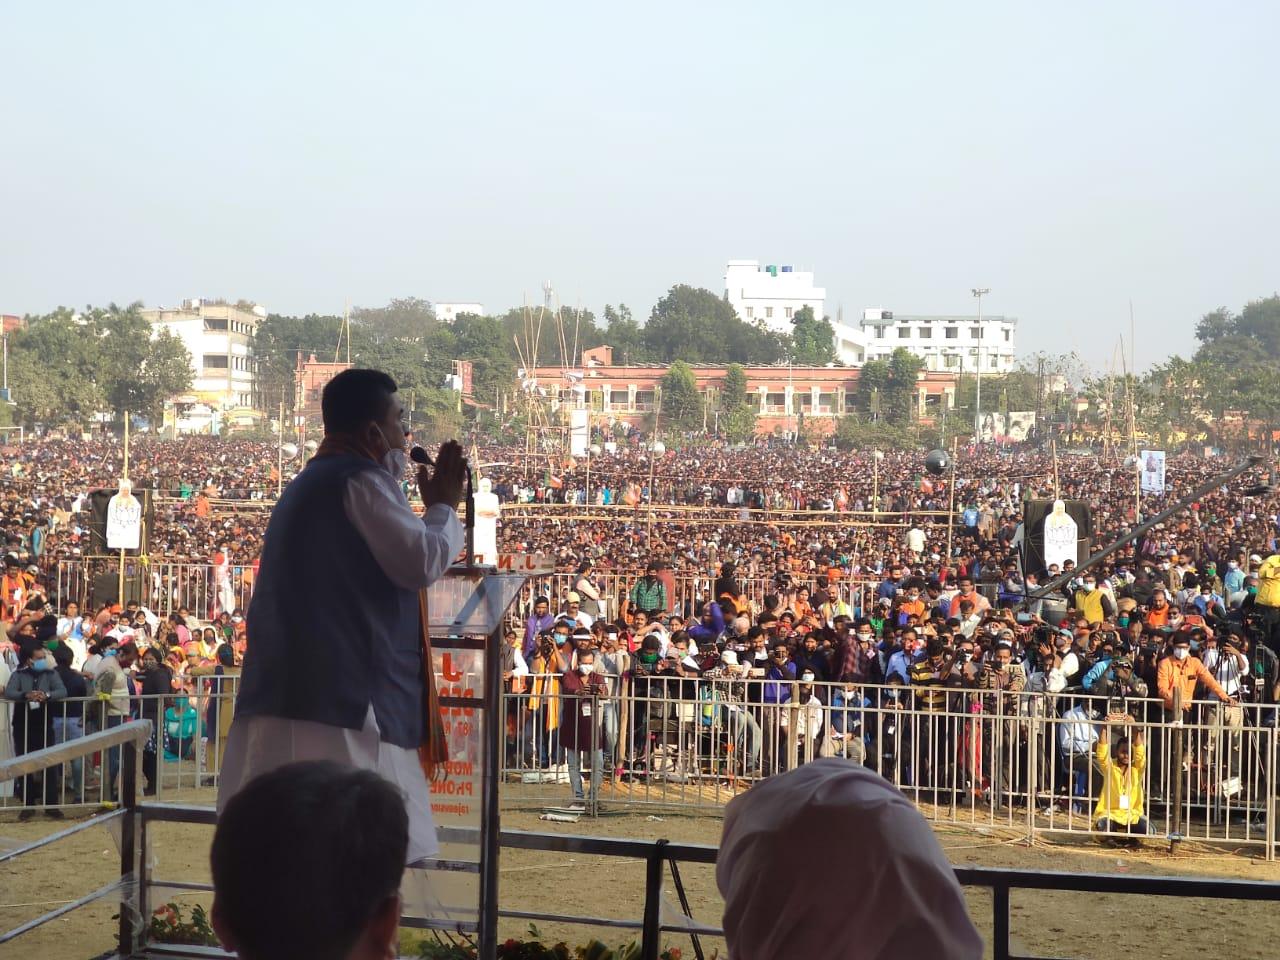 """মেদিনীপুর কলেজ মাঠের মঞ্চ থেকে শুভেন্দু অধিকারীর হুঙ্কার, """"তোলাবাজ ভাইপো হঠাও"""